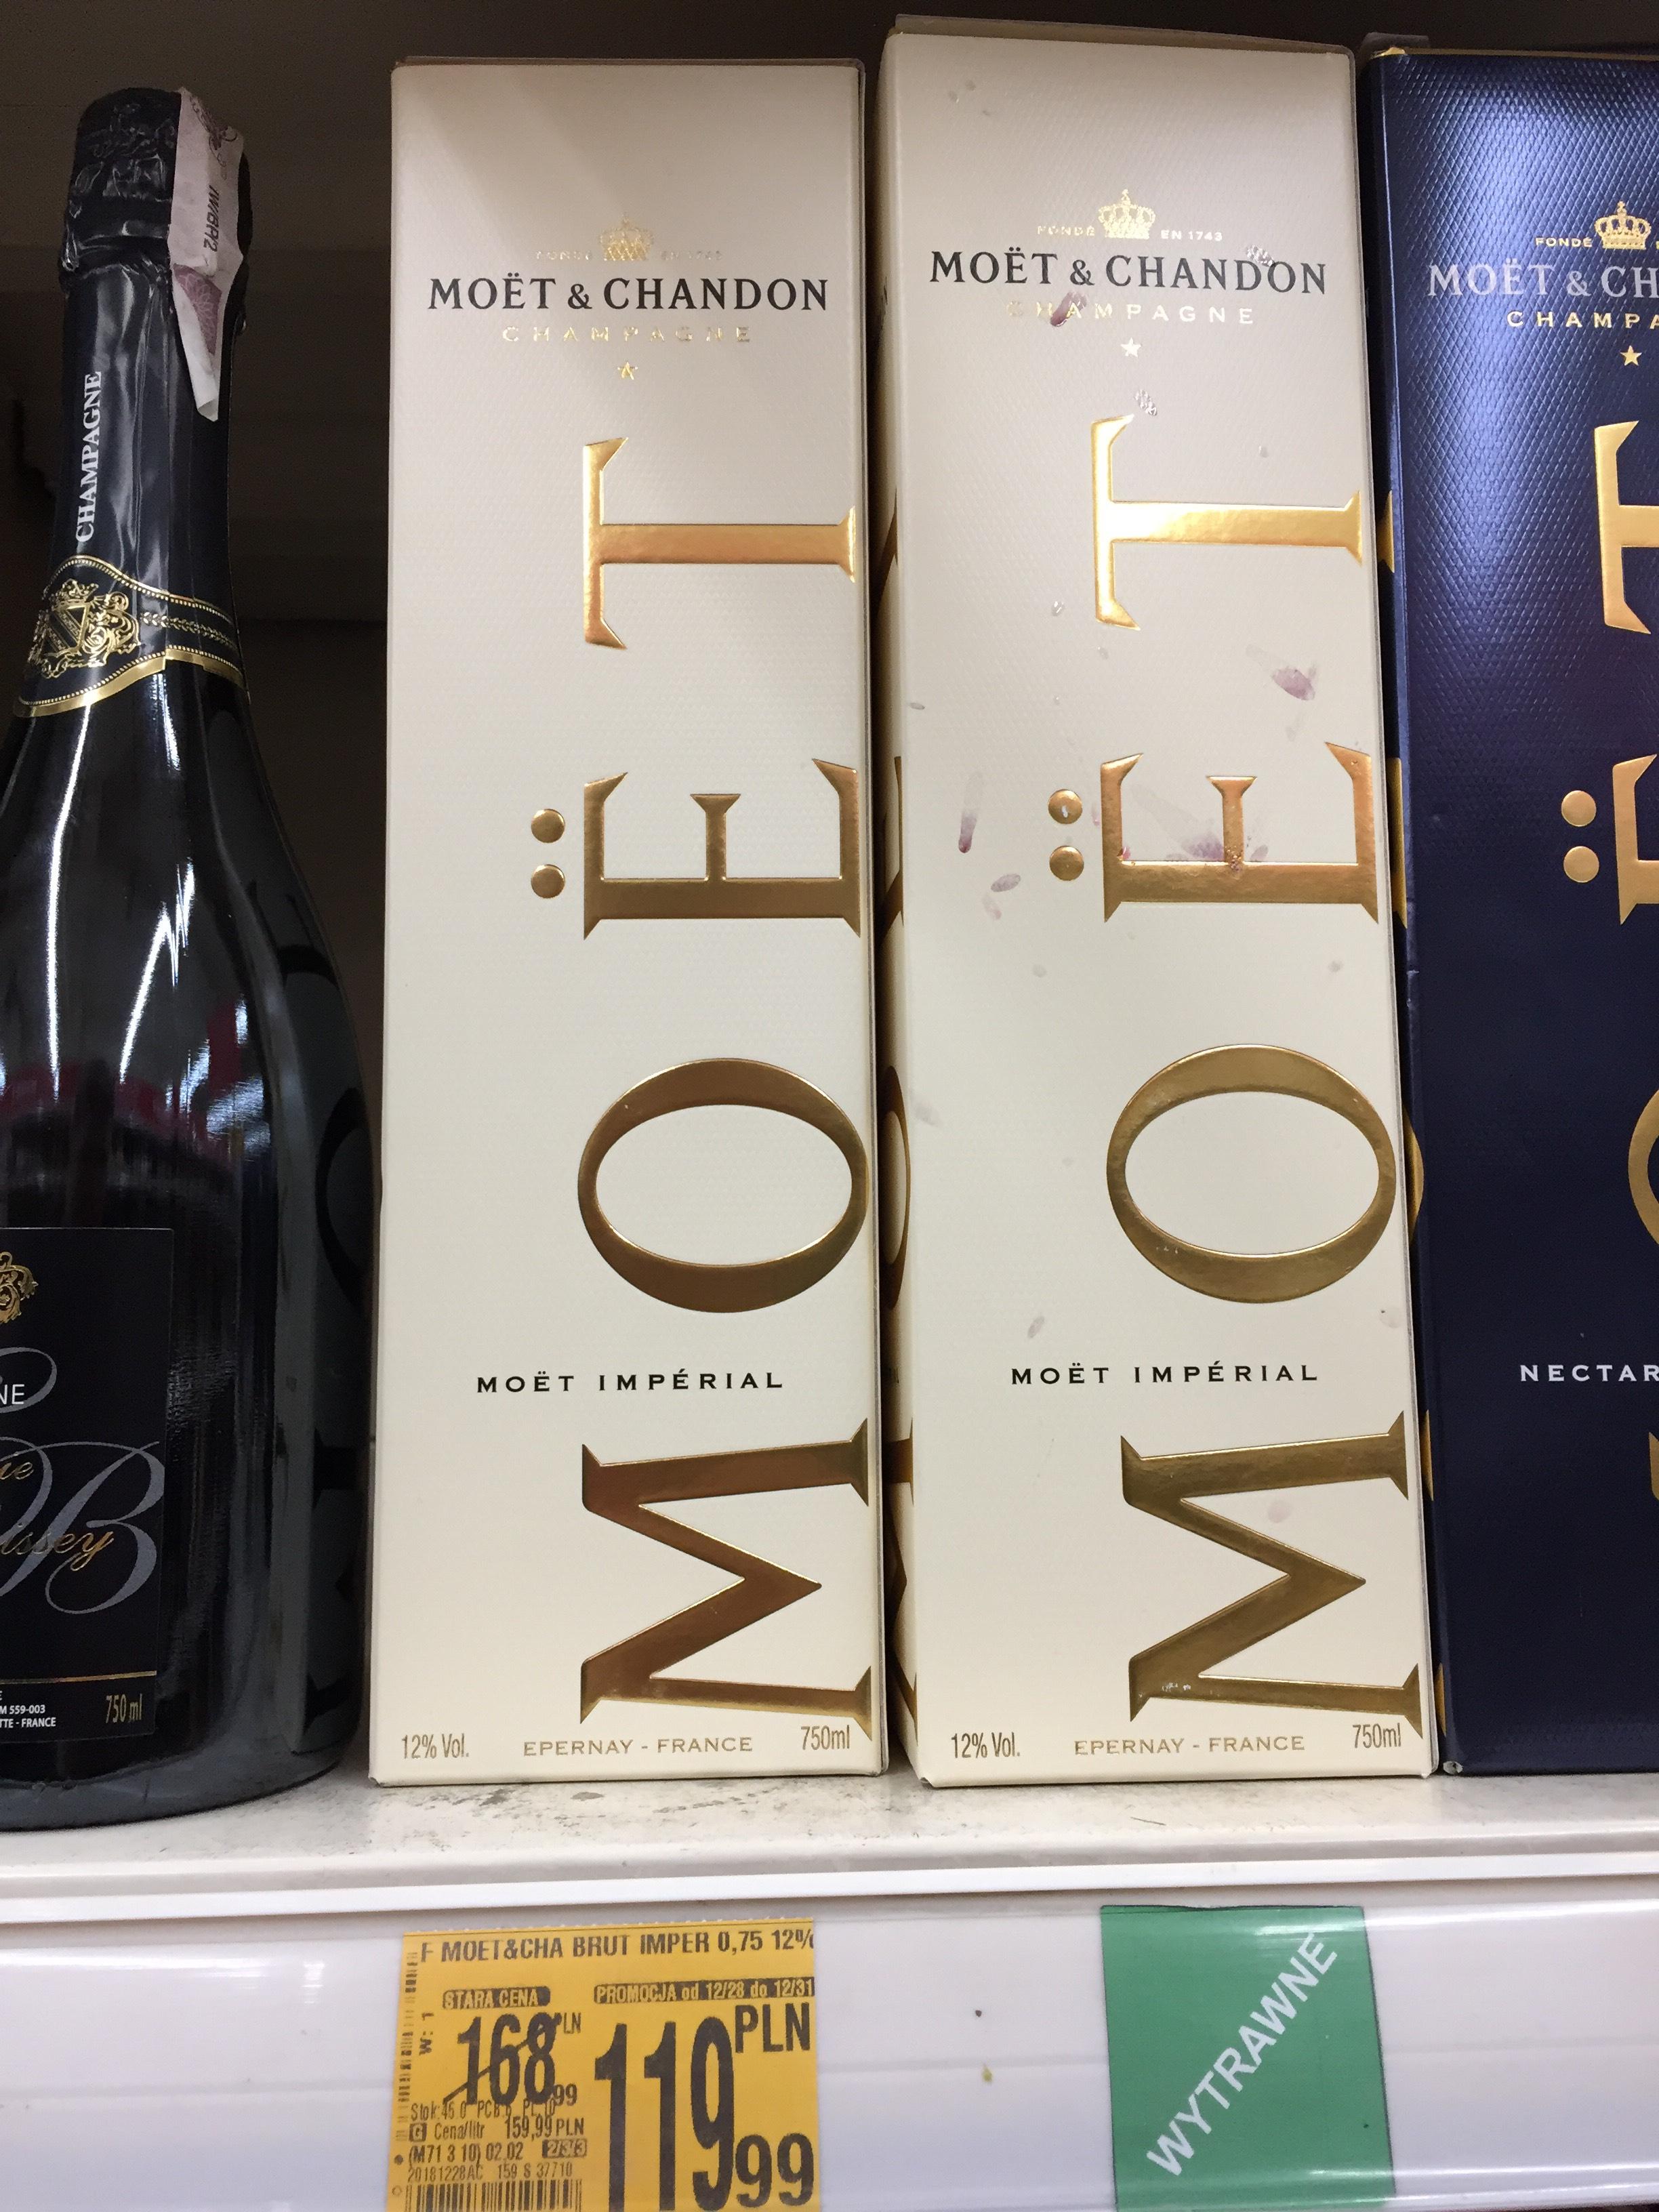 Szampan MOET & CHANDON Imperial + karton | Auchan | 119,99zł